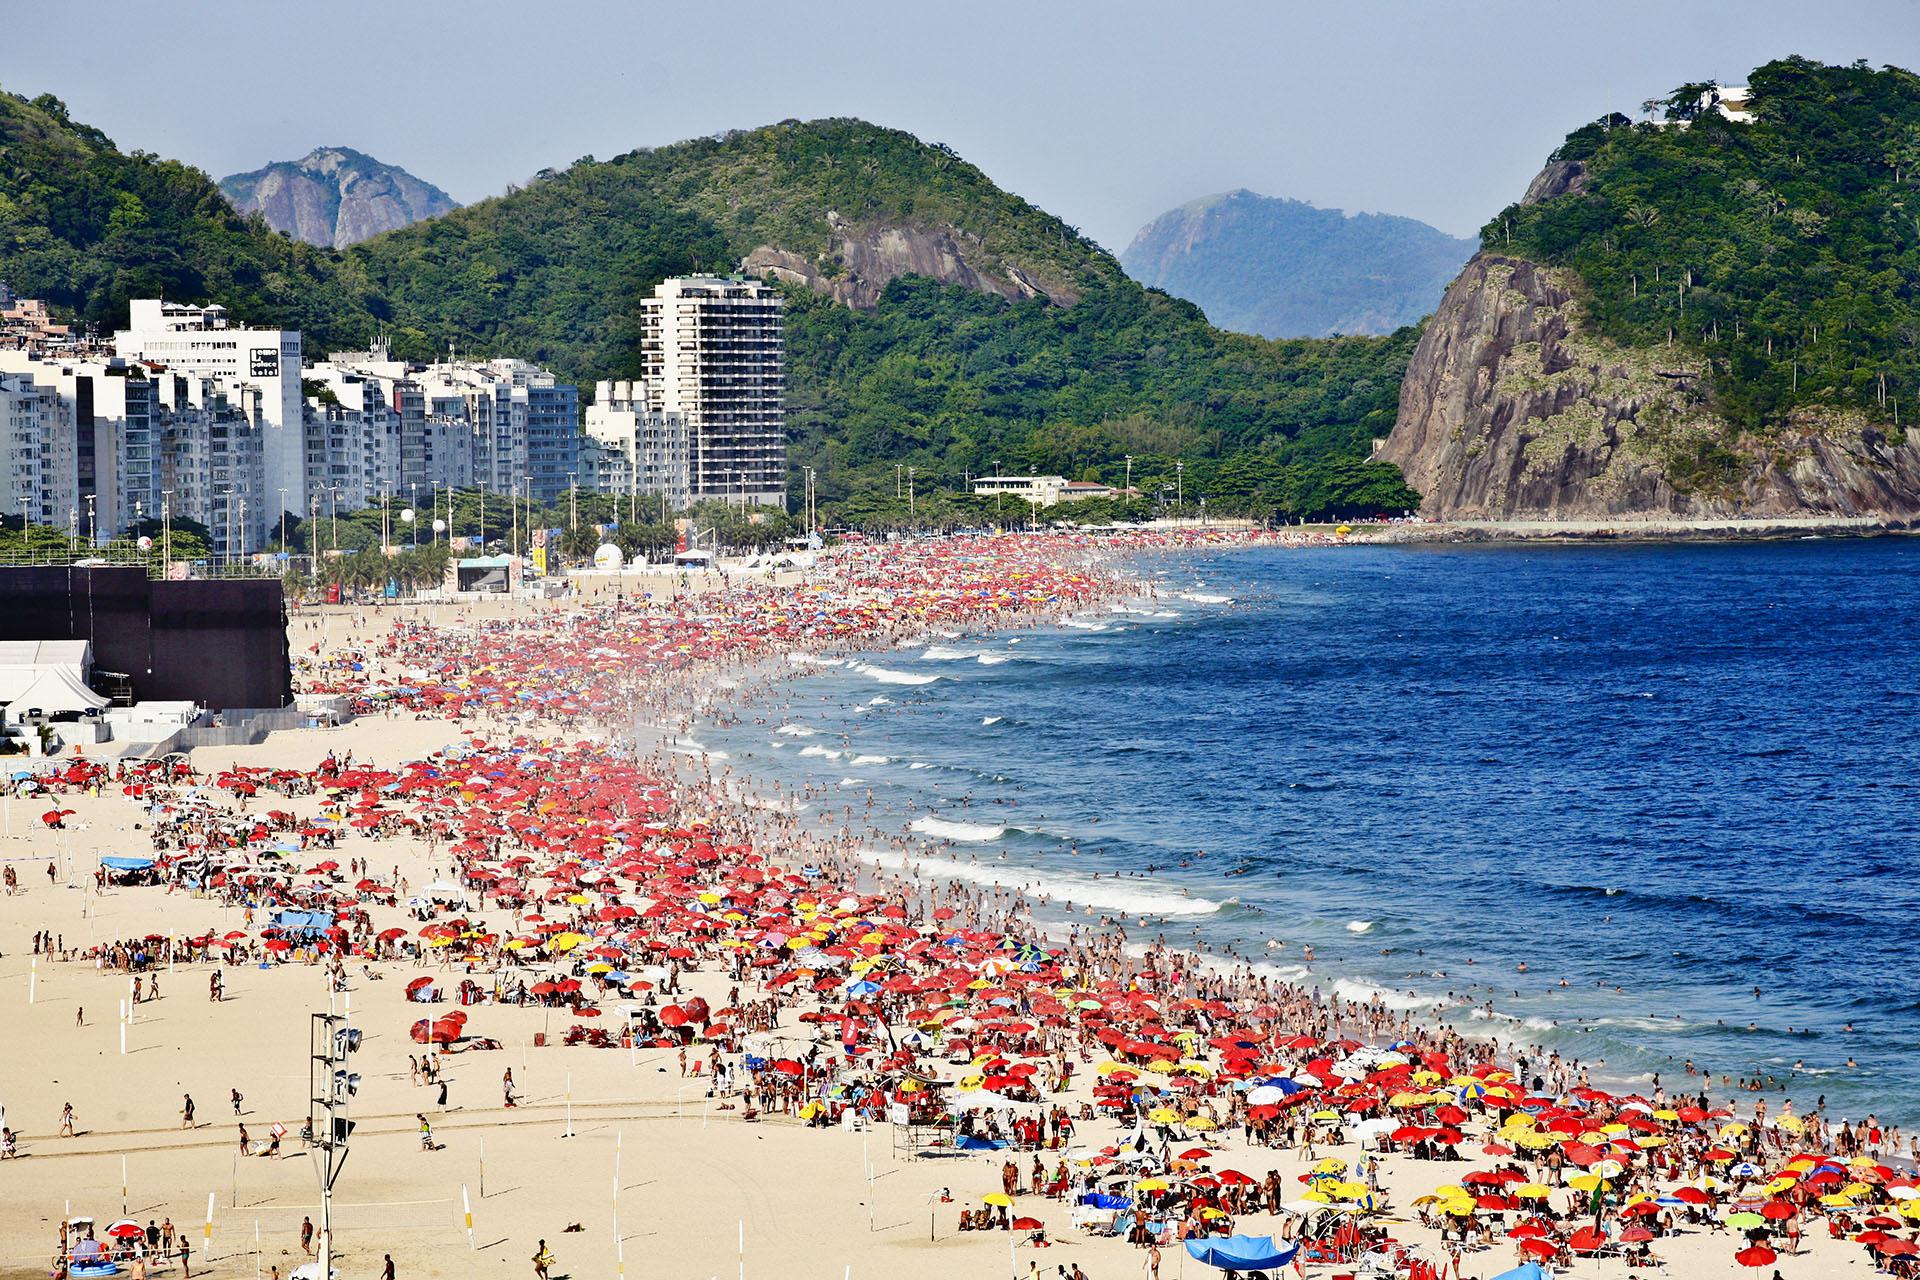 ANTES - Una típica postal de las playas de Río de Janeiro repletas de turistas y locales (Shutterstock)